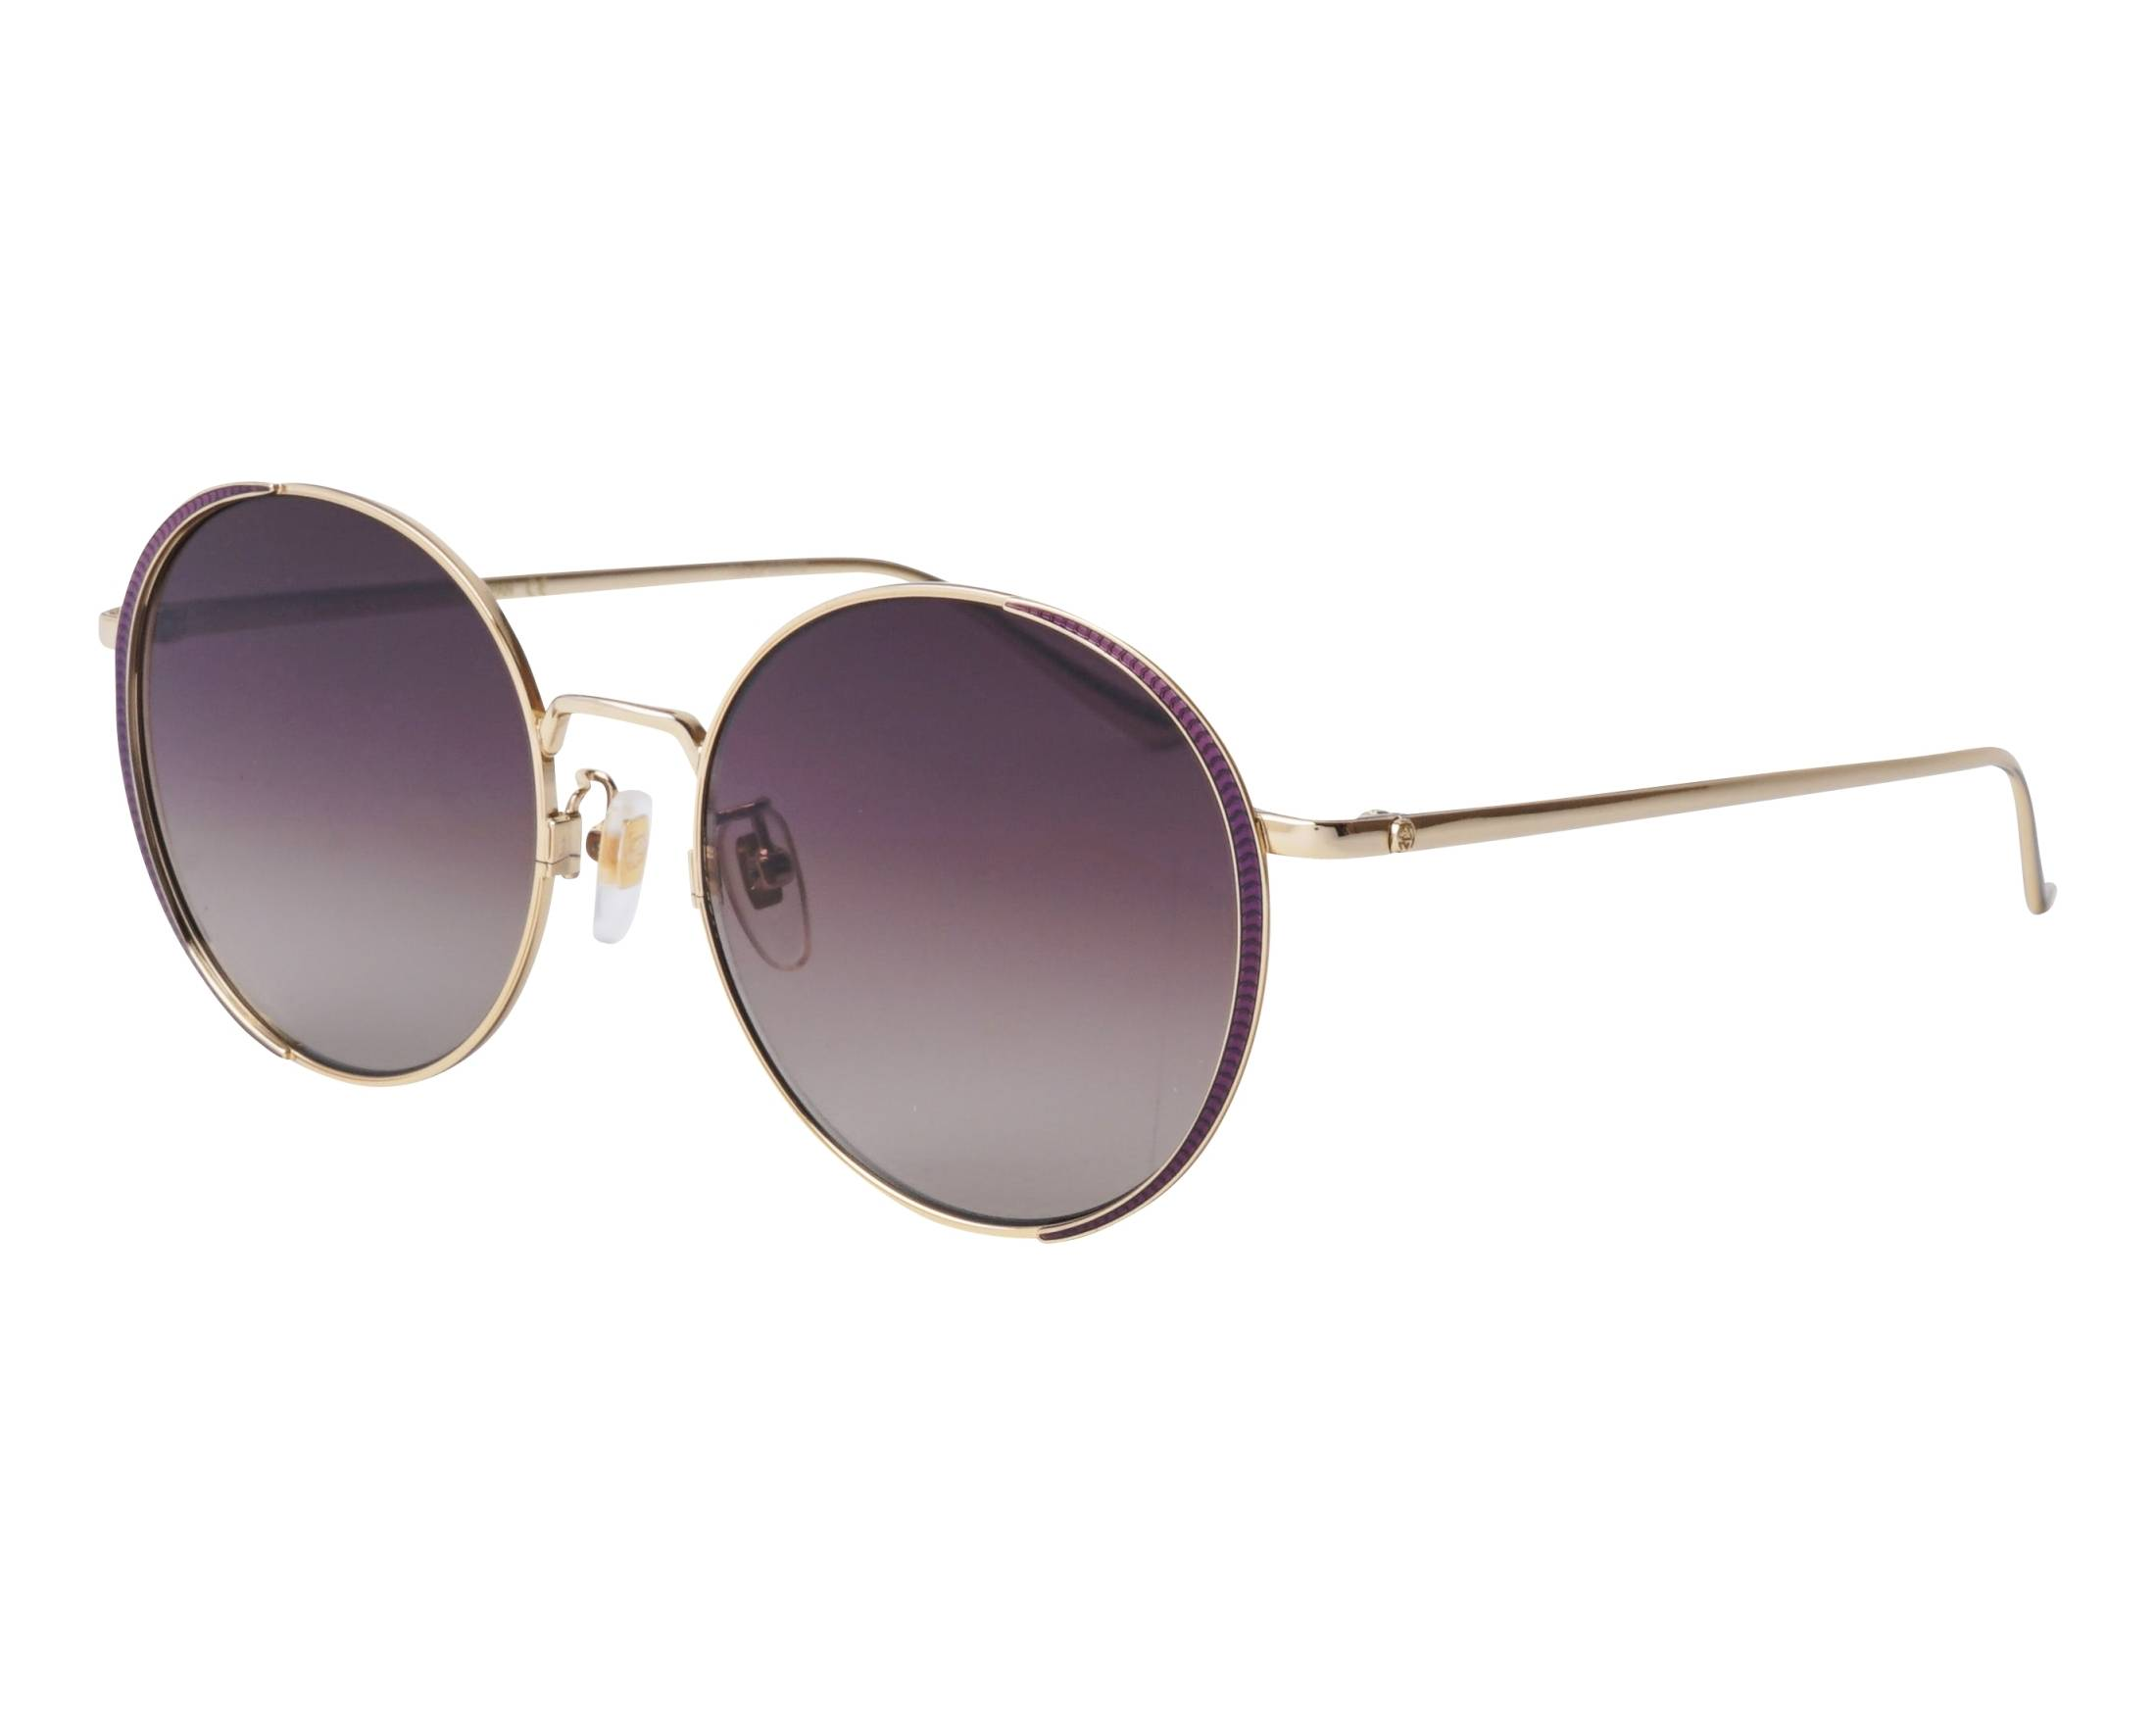 f9ebc4aa464 Sunglasses Gucci GG-0401-SK 001 56-18 Gold Plum profile view